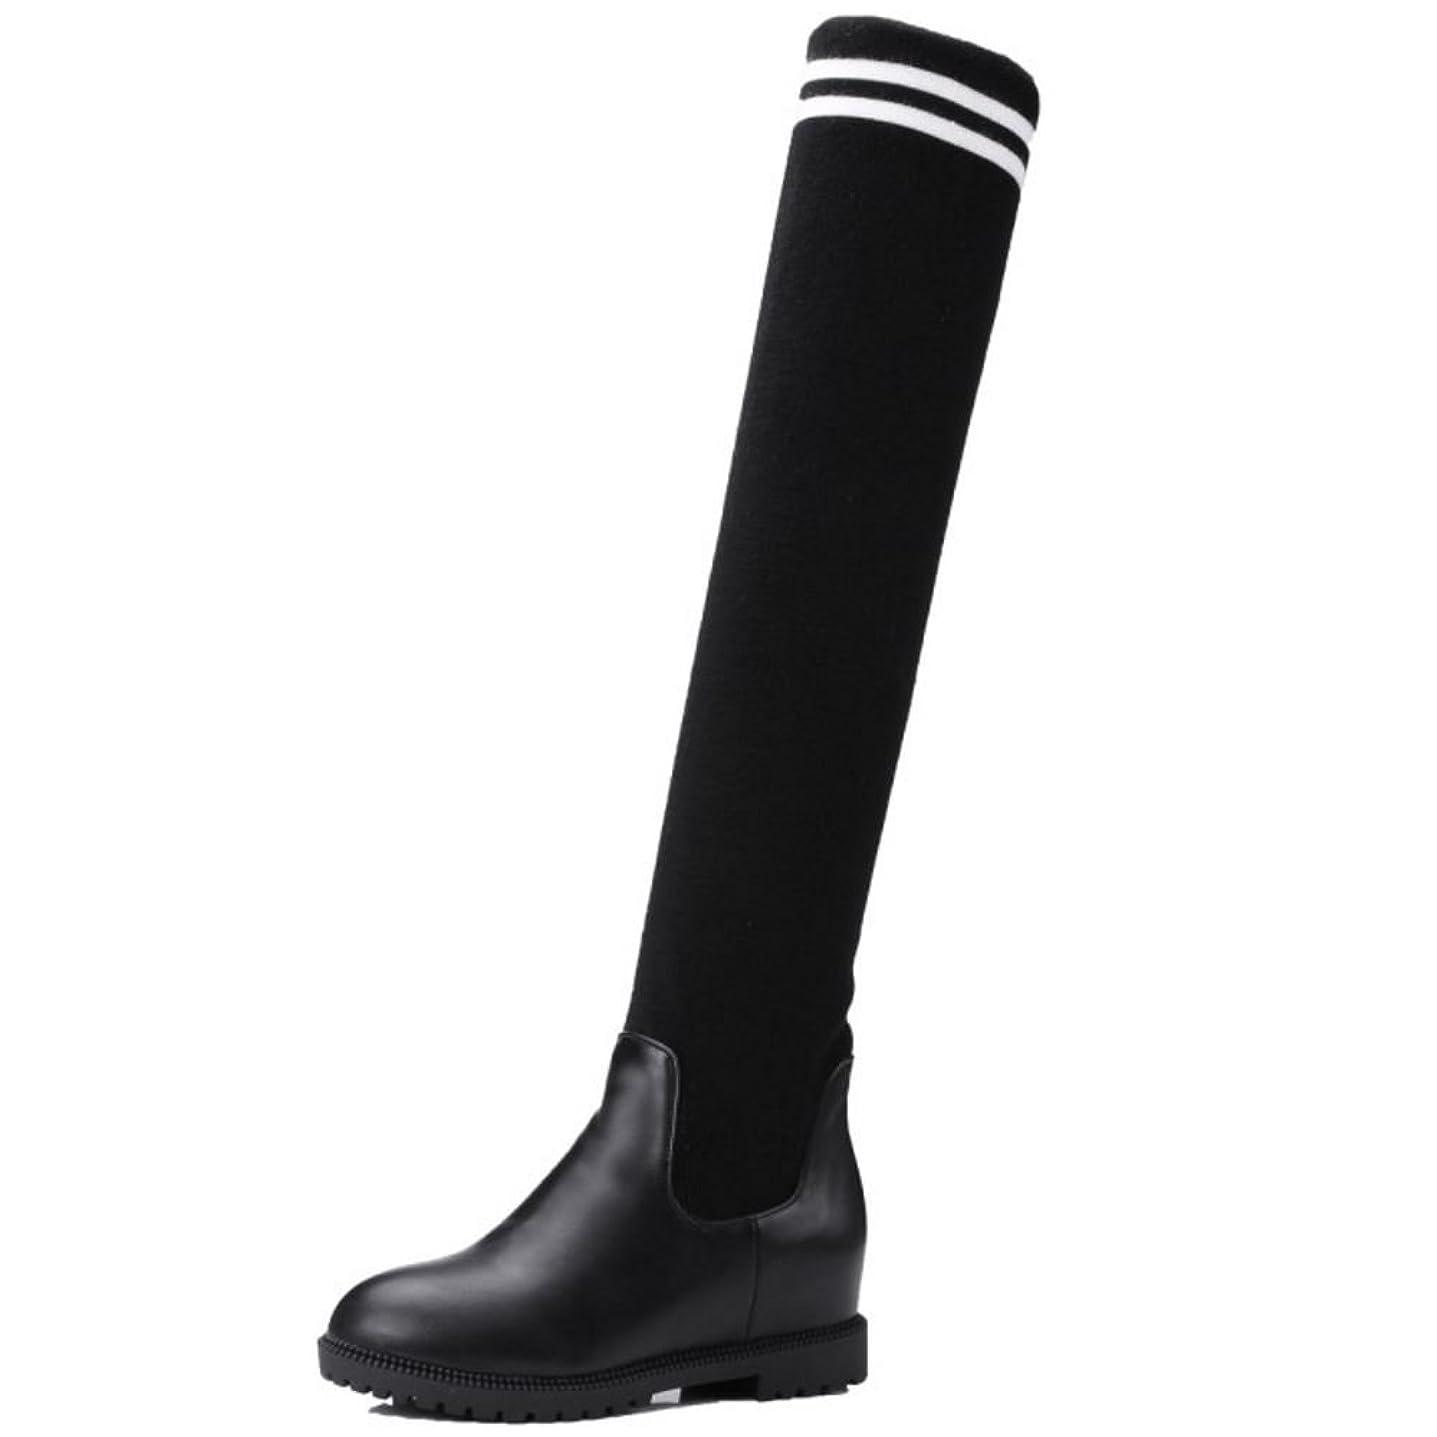 エクスタシー二週間可決KemeKiss レディース ファッション ニット ブーツ シークレット ストレッチ ロングブーツ